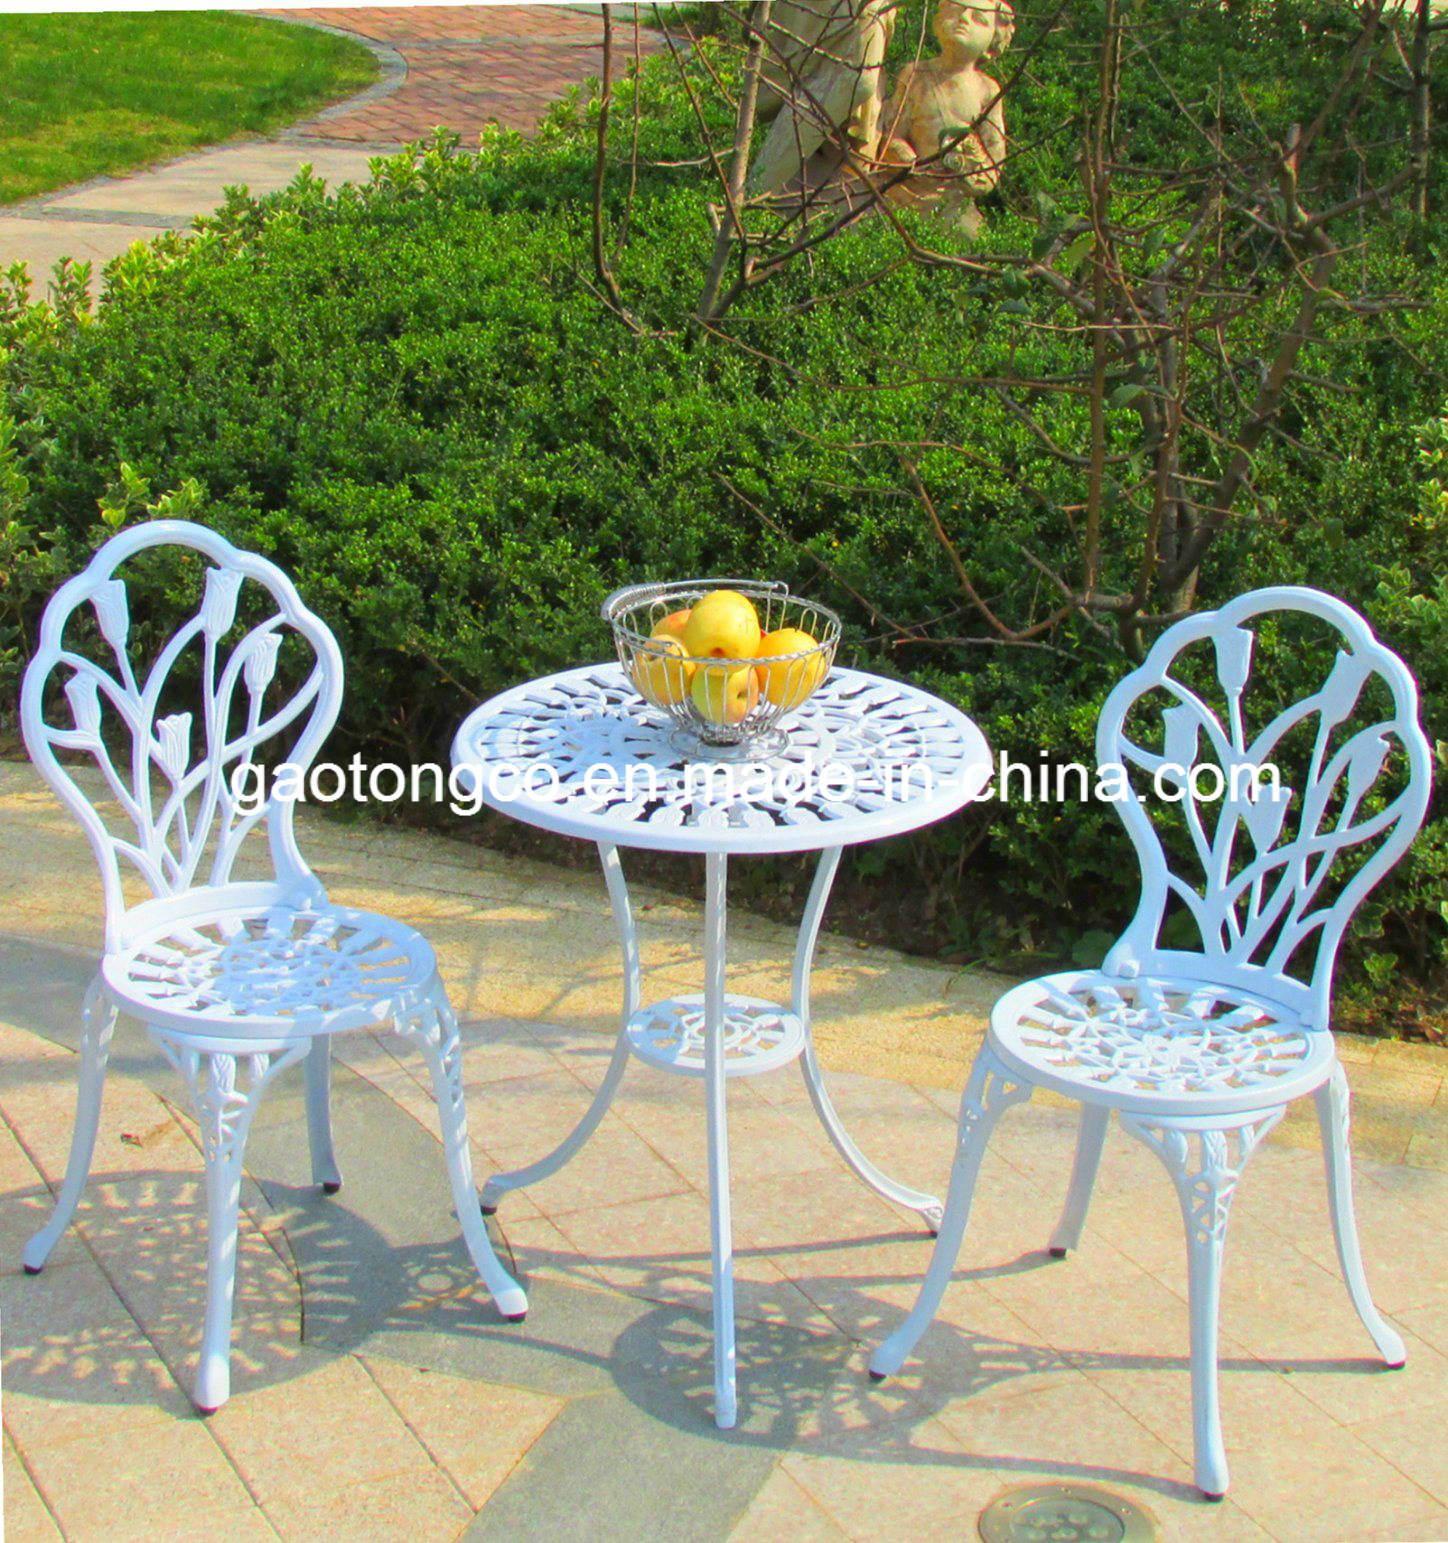 China Die Cast Aluminum Outdoor Patio Furniture Rose 3 Piece Bistro